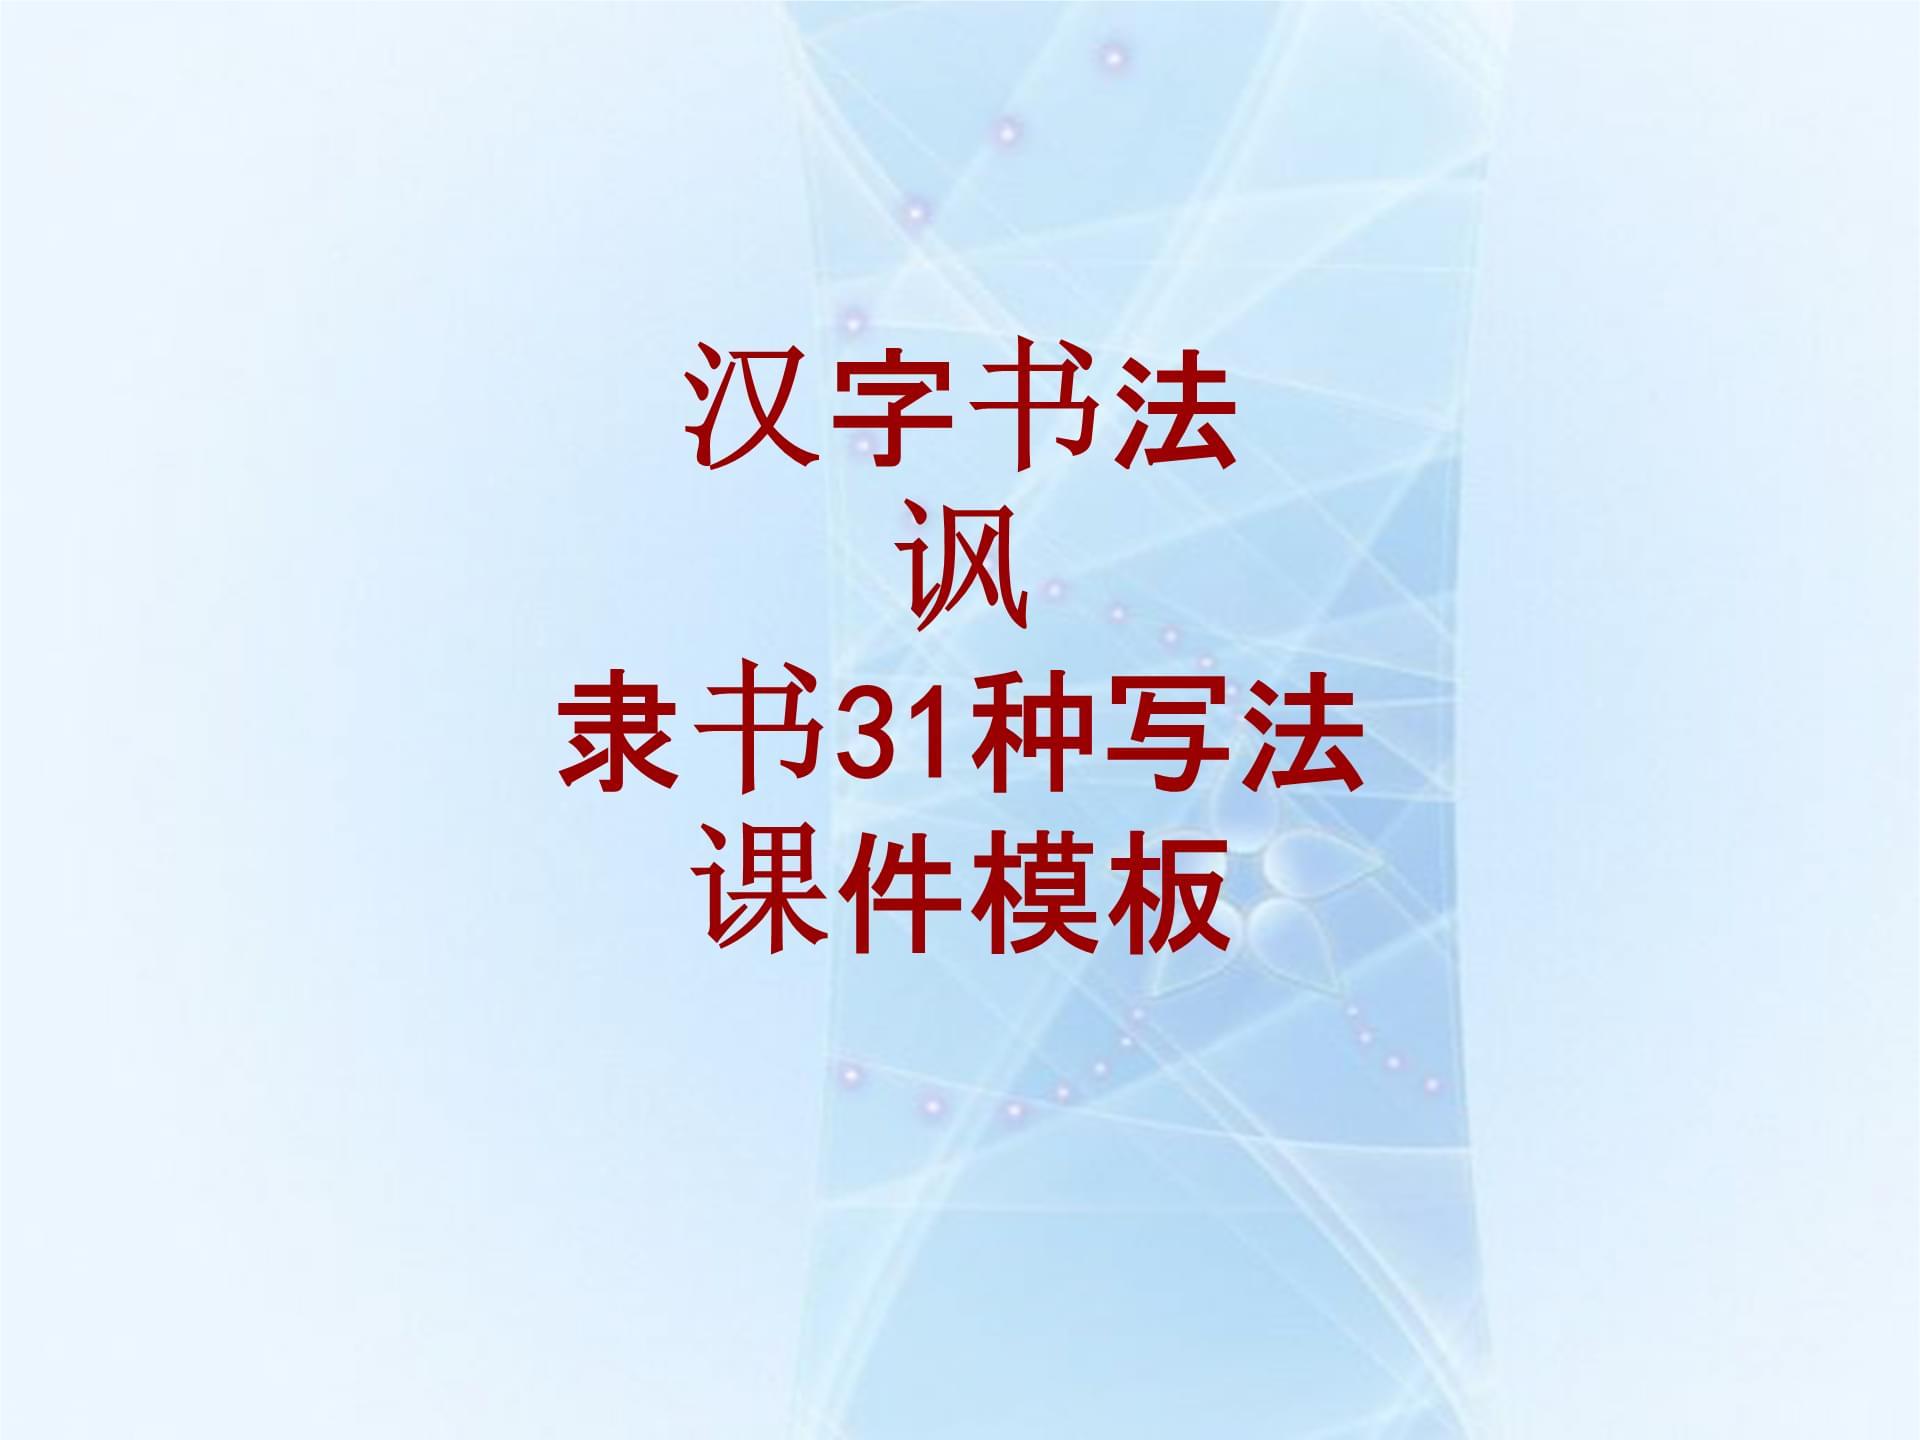 汉字书法课件模板:讽_隶书31种写法.ppt